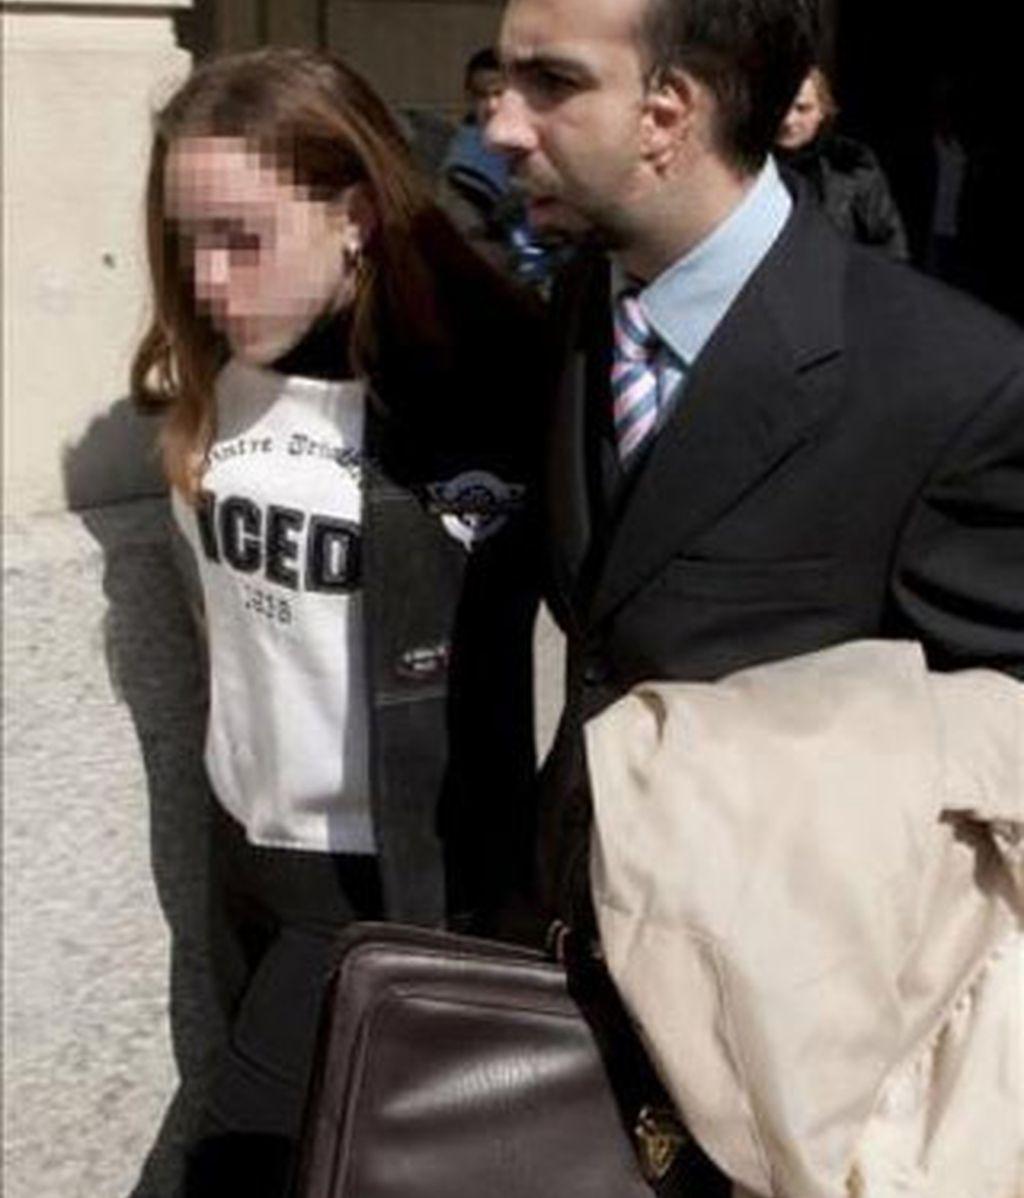 La menor Rocío Perez Gómez, ex novia de Carcaño, acompañada por su abogado tras testificar el pasado mes de marzo en los juzgados de Sevilla. EFE/Archivo